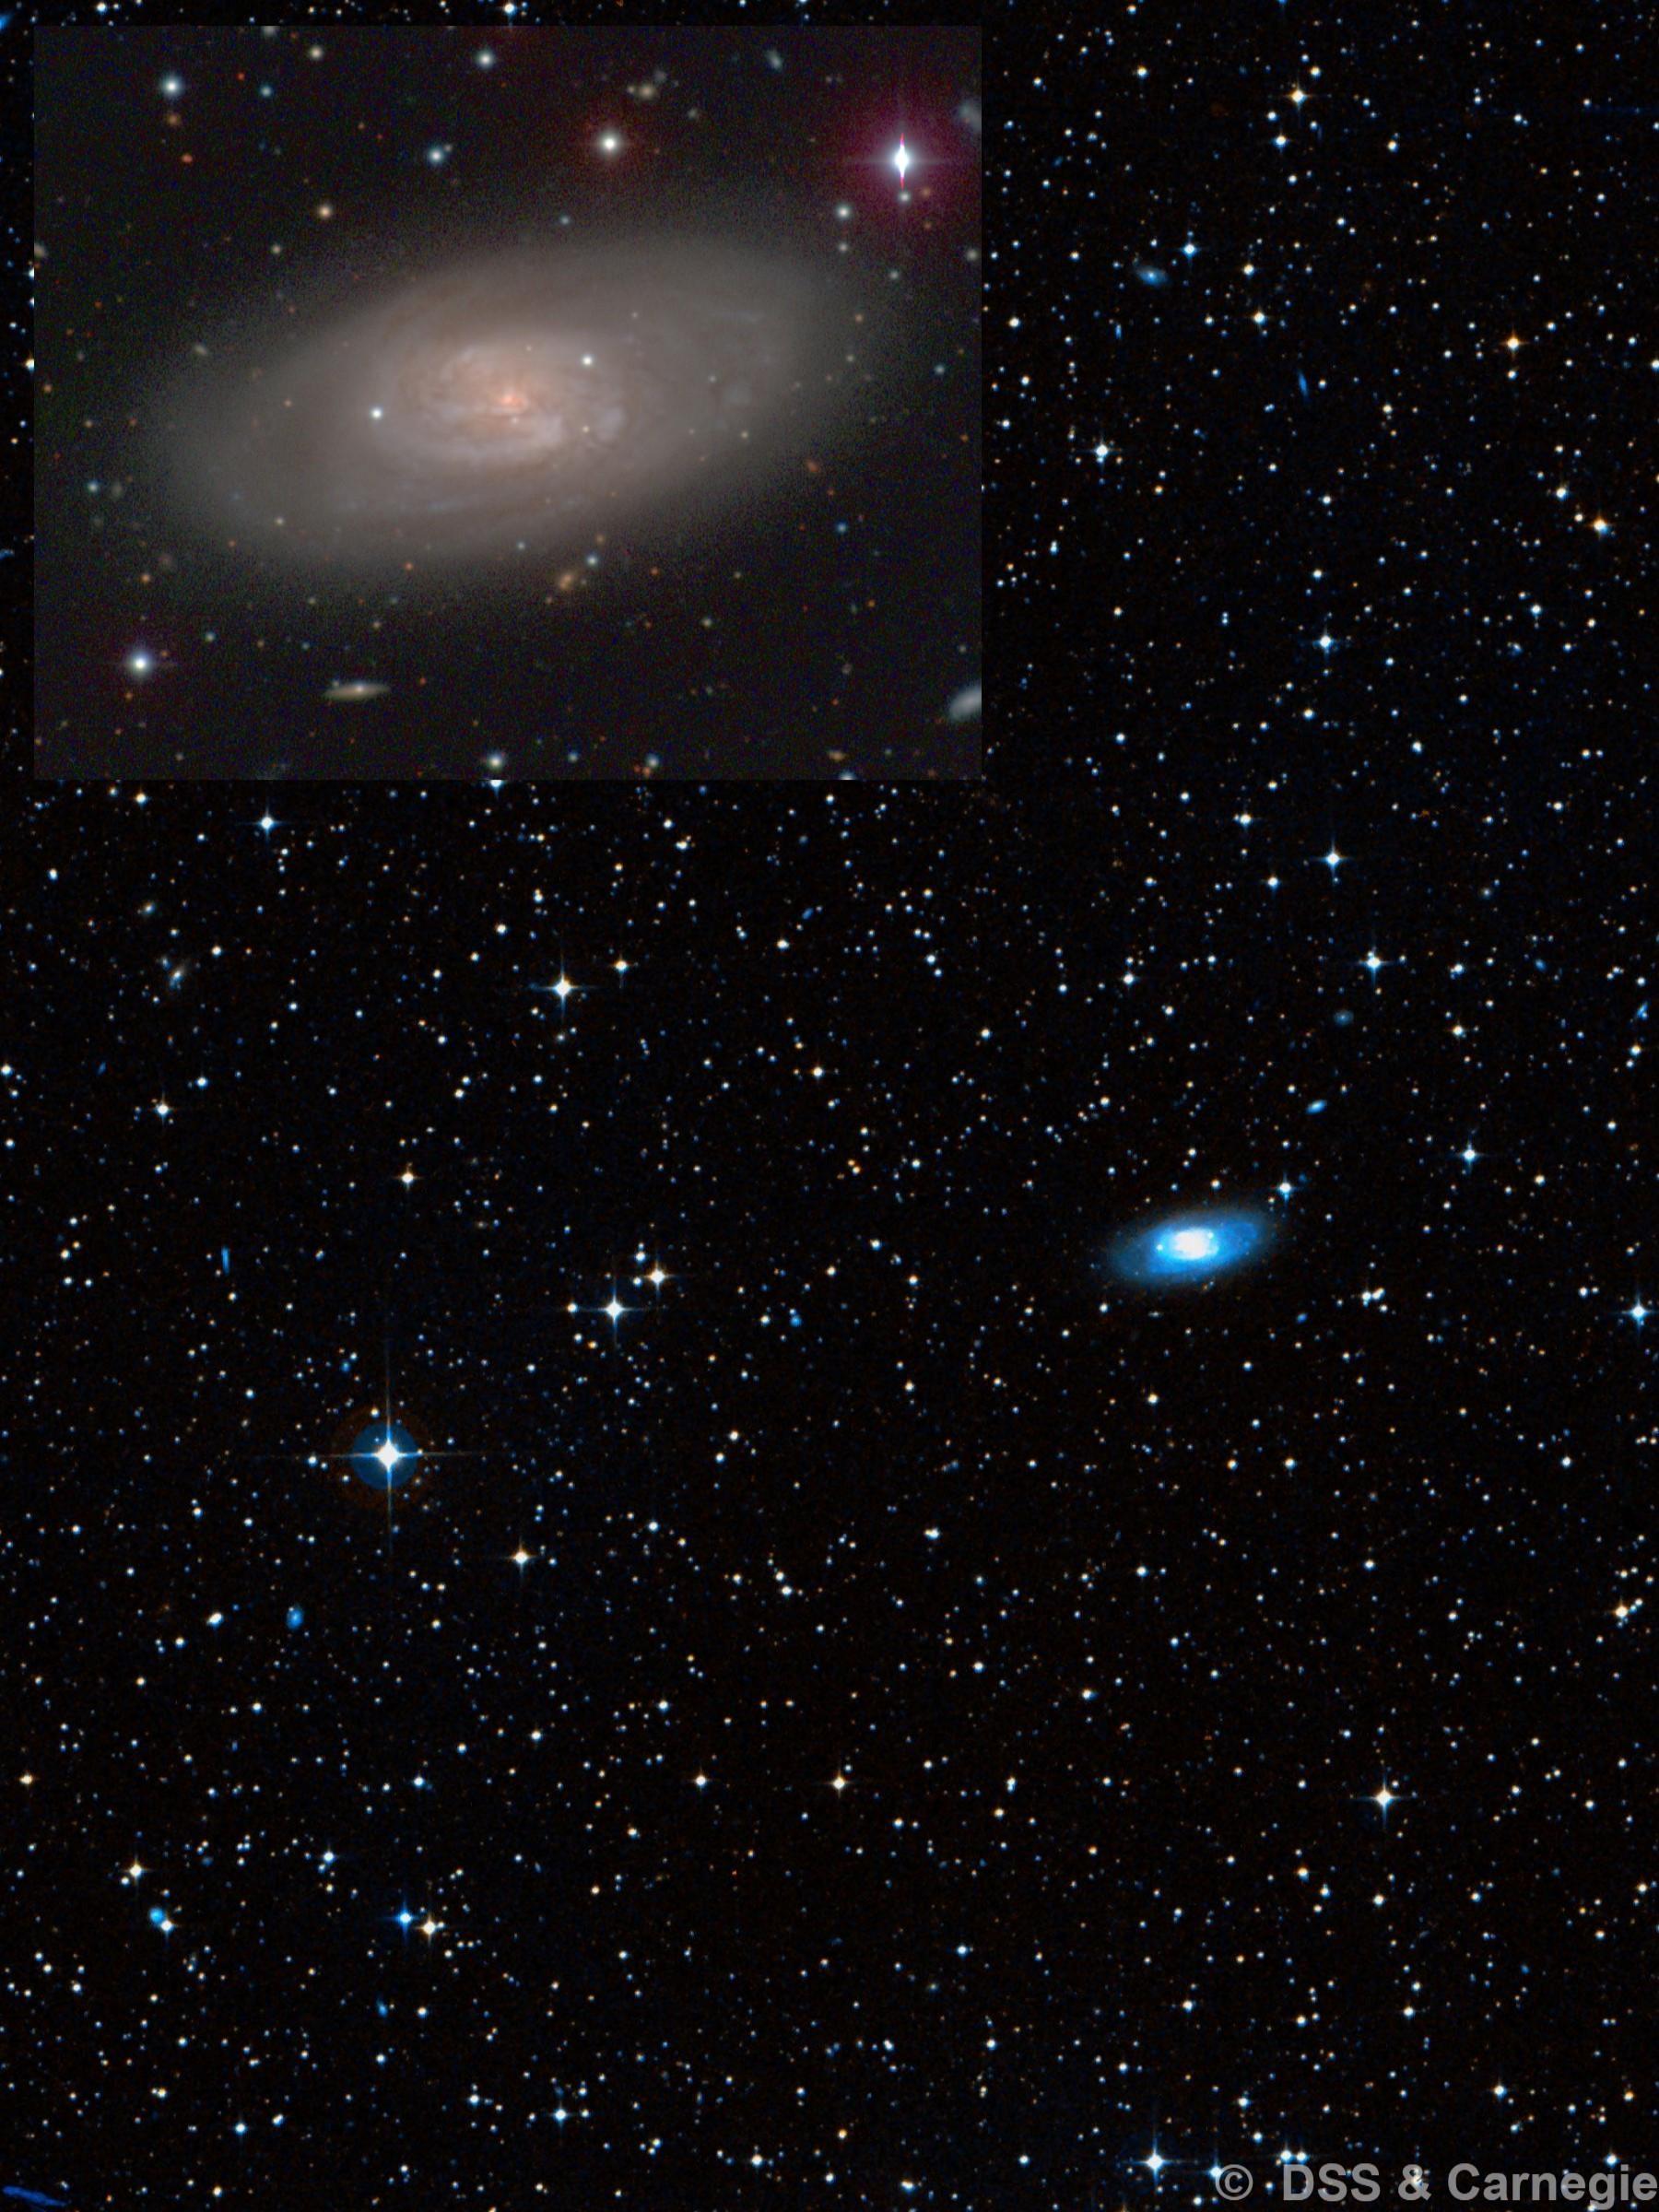 NGC 5188